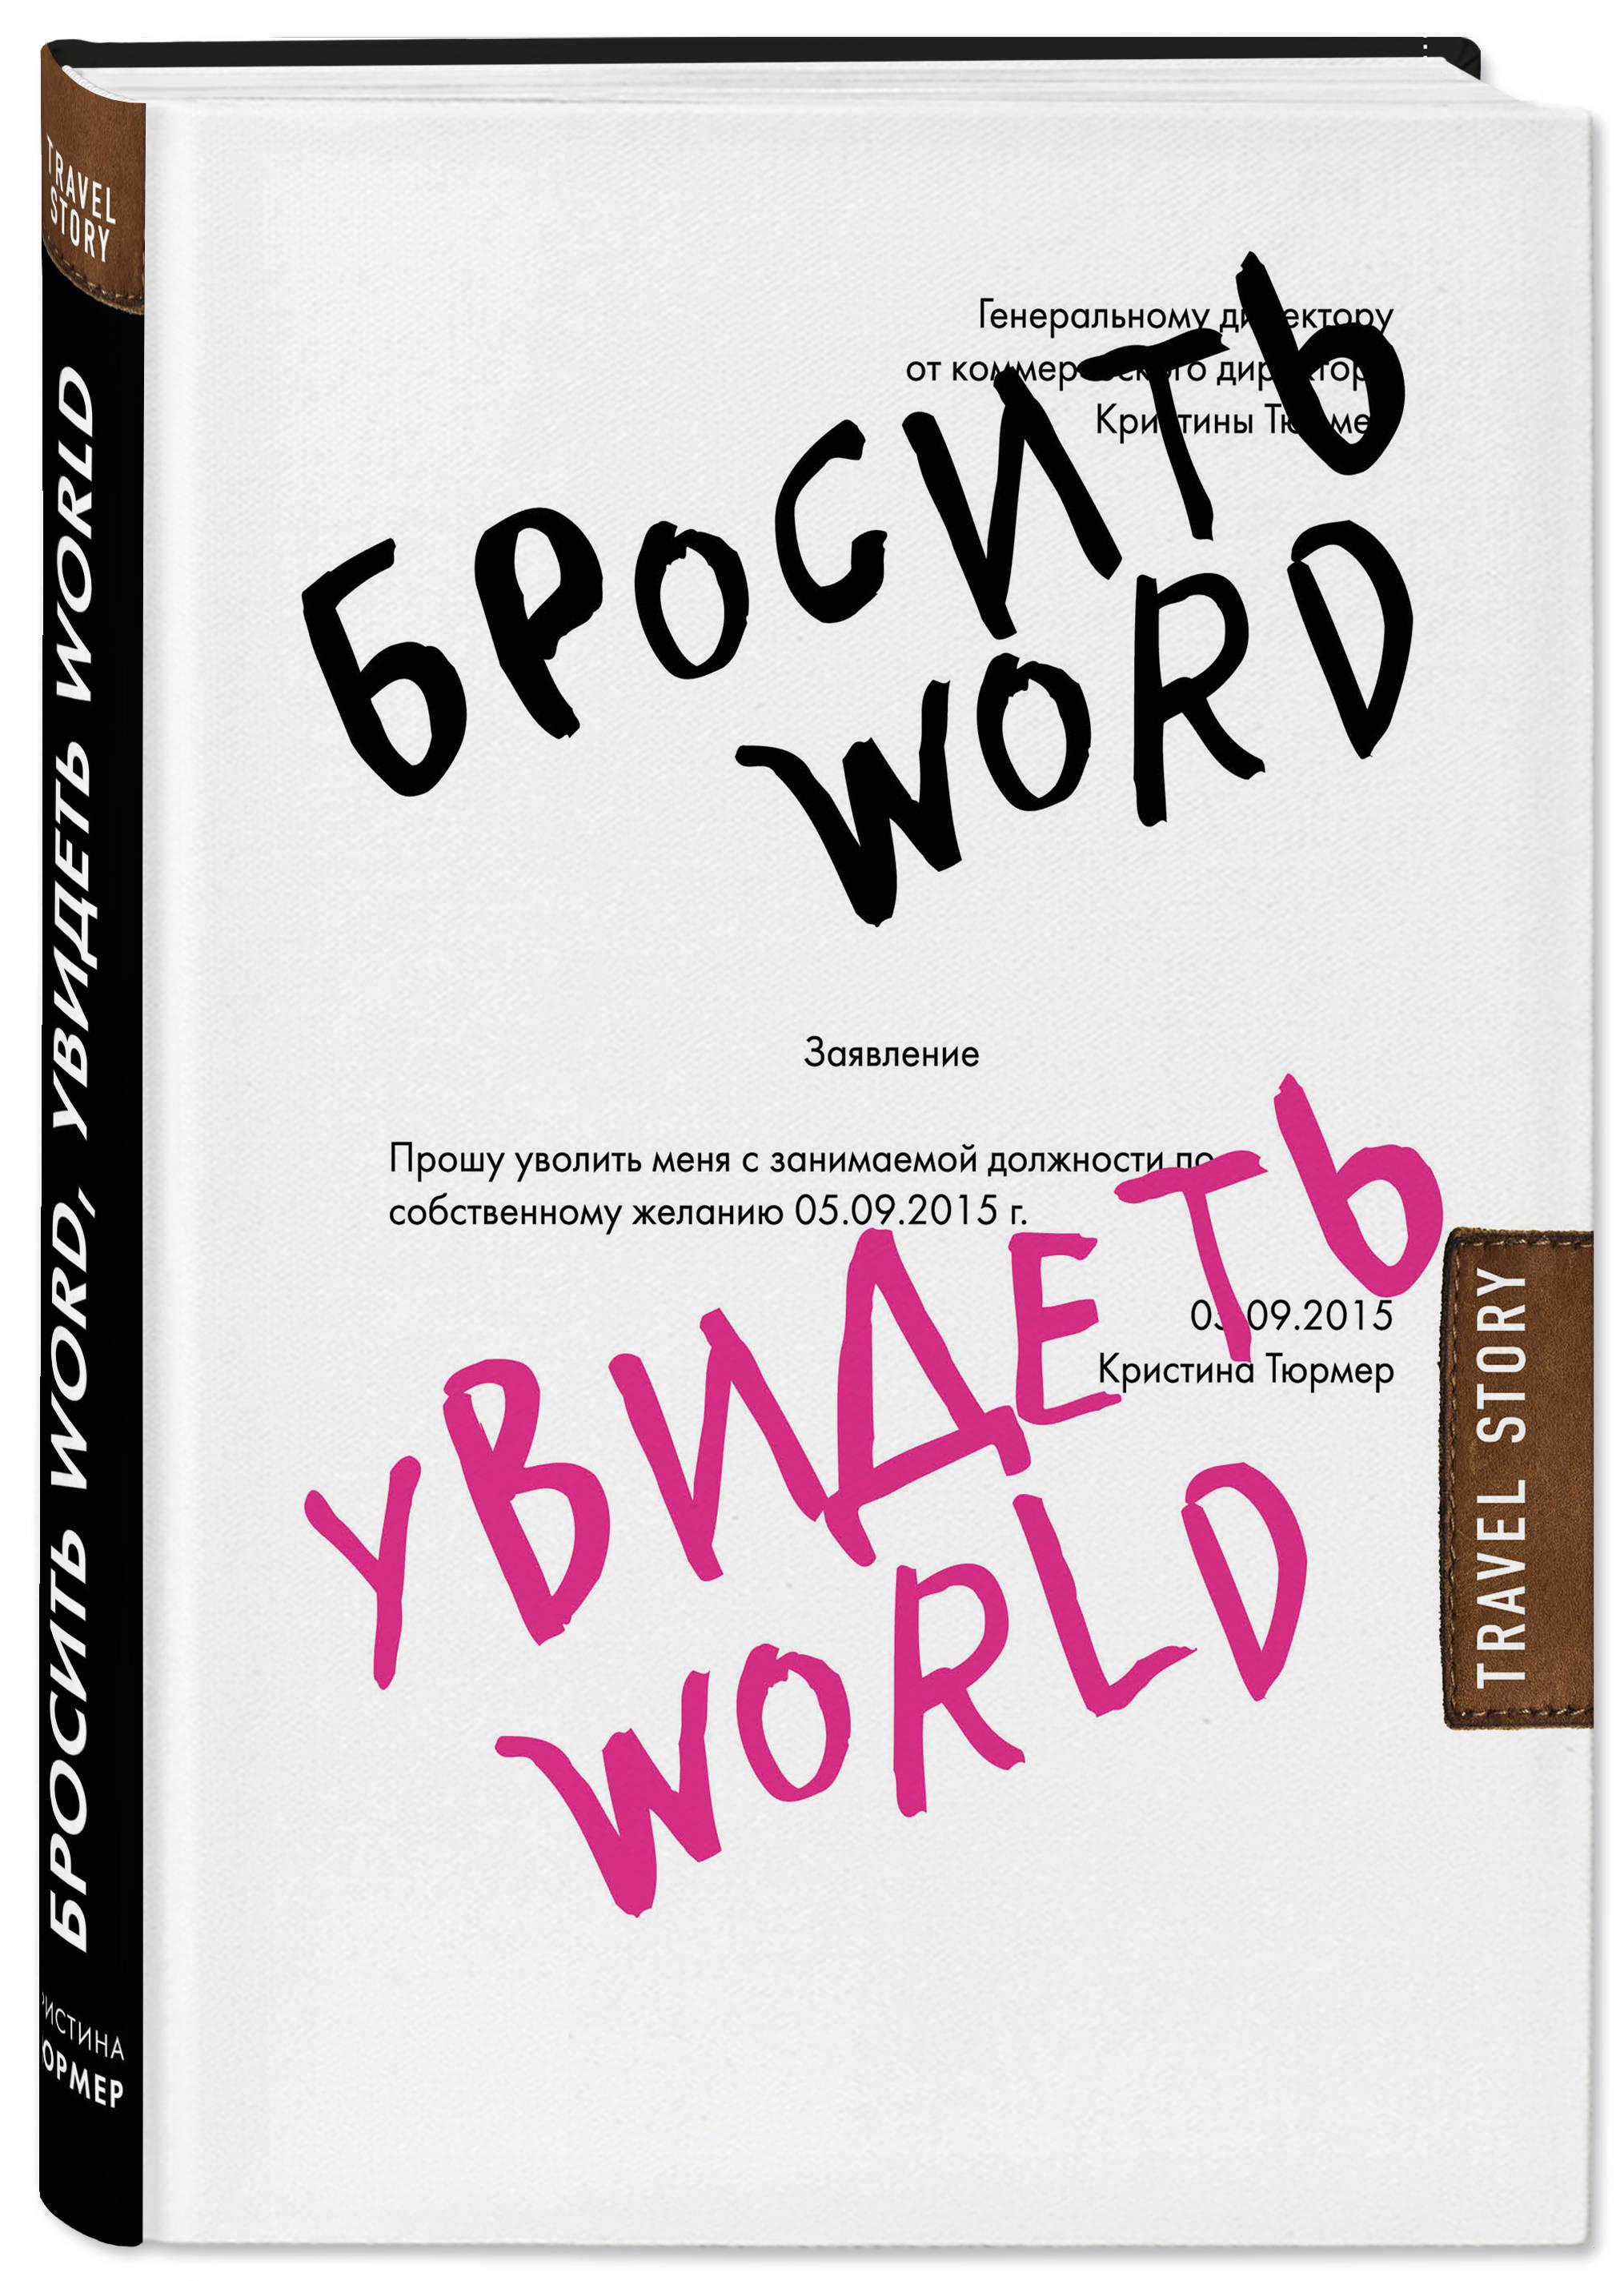 Бросить Word, увидеть World. Офисное рабство или красота мира. Кристина Тюрмер